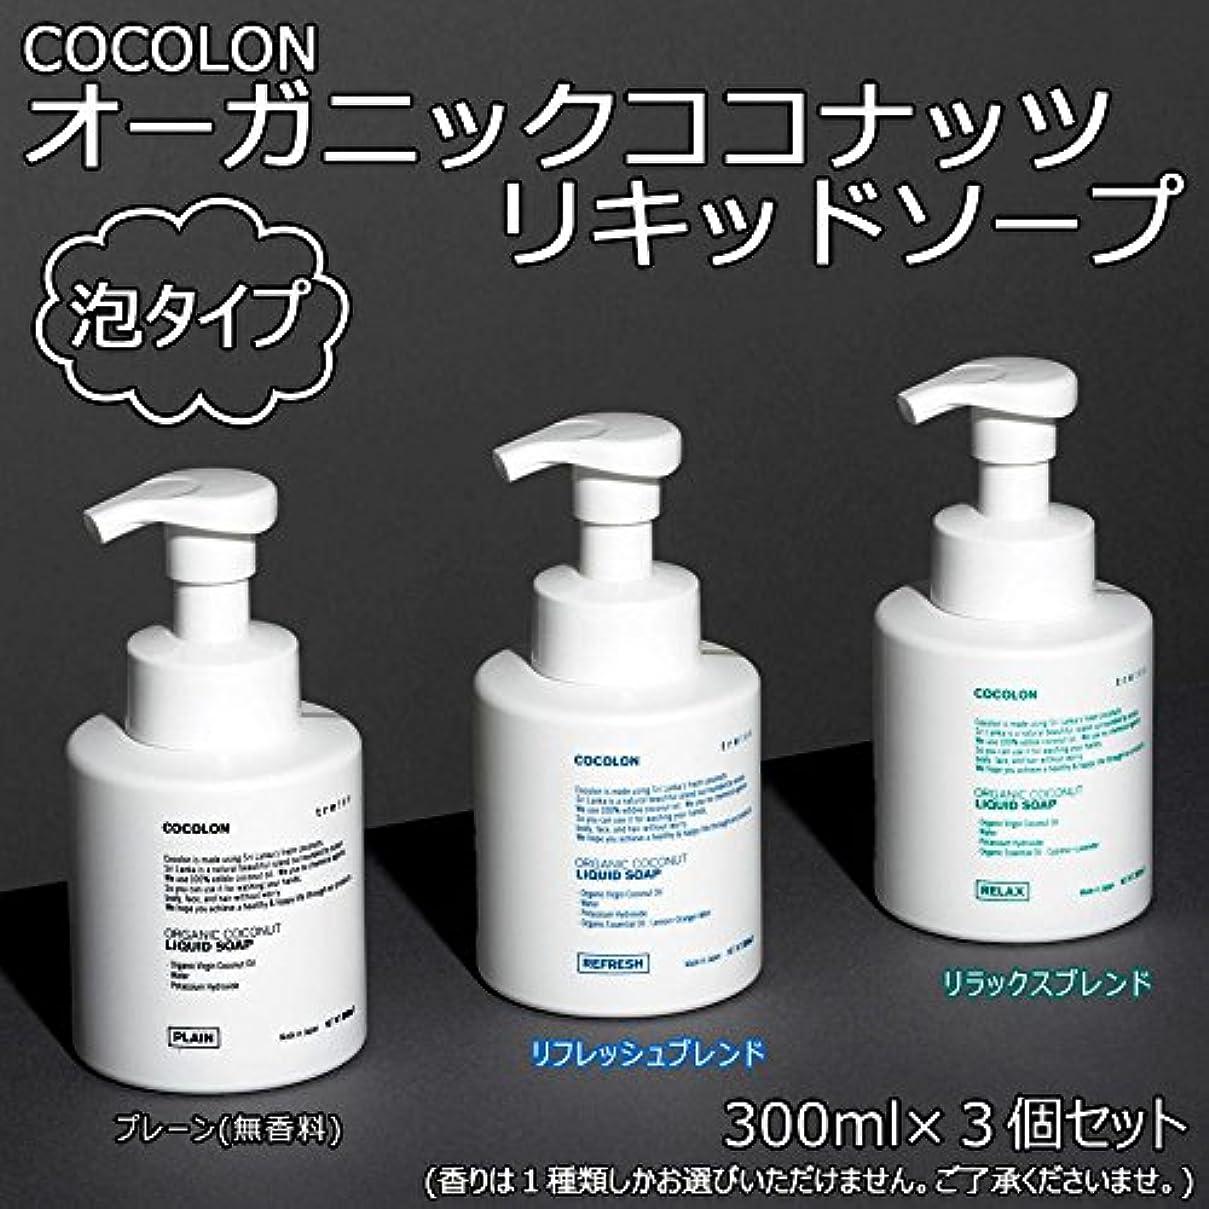 ネズミ欠如疑い者COCOLON ココロン オーガニックココナッツリキッドソープ 泡タイプ 300ml 3個セット リラックスブレンド